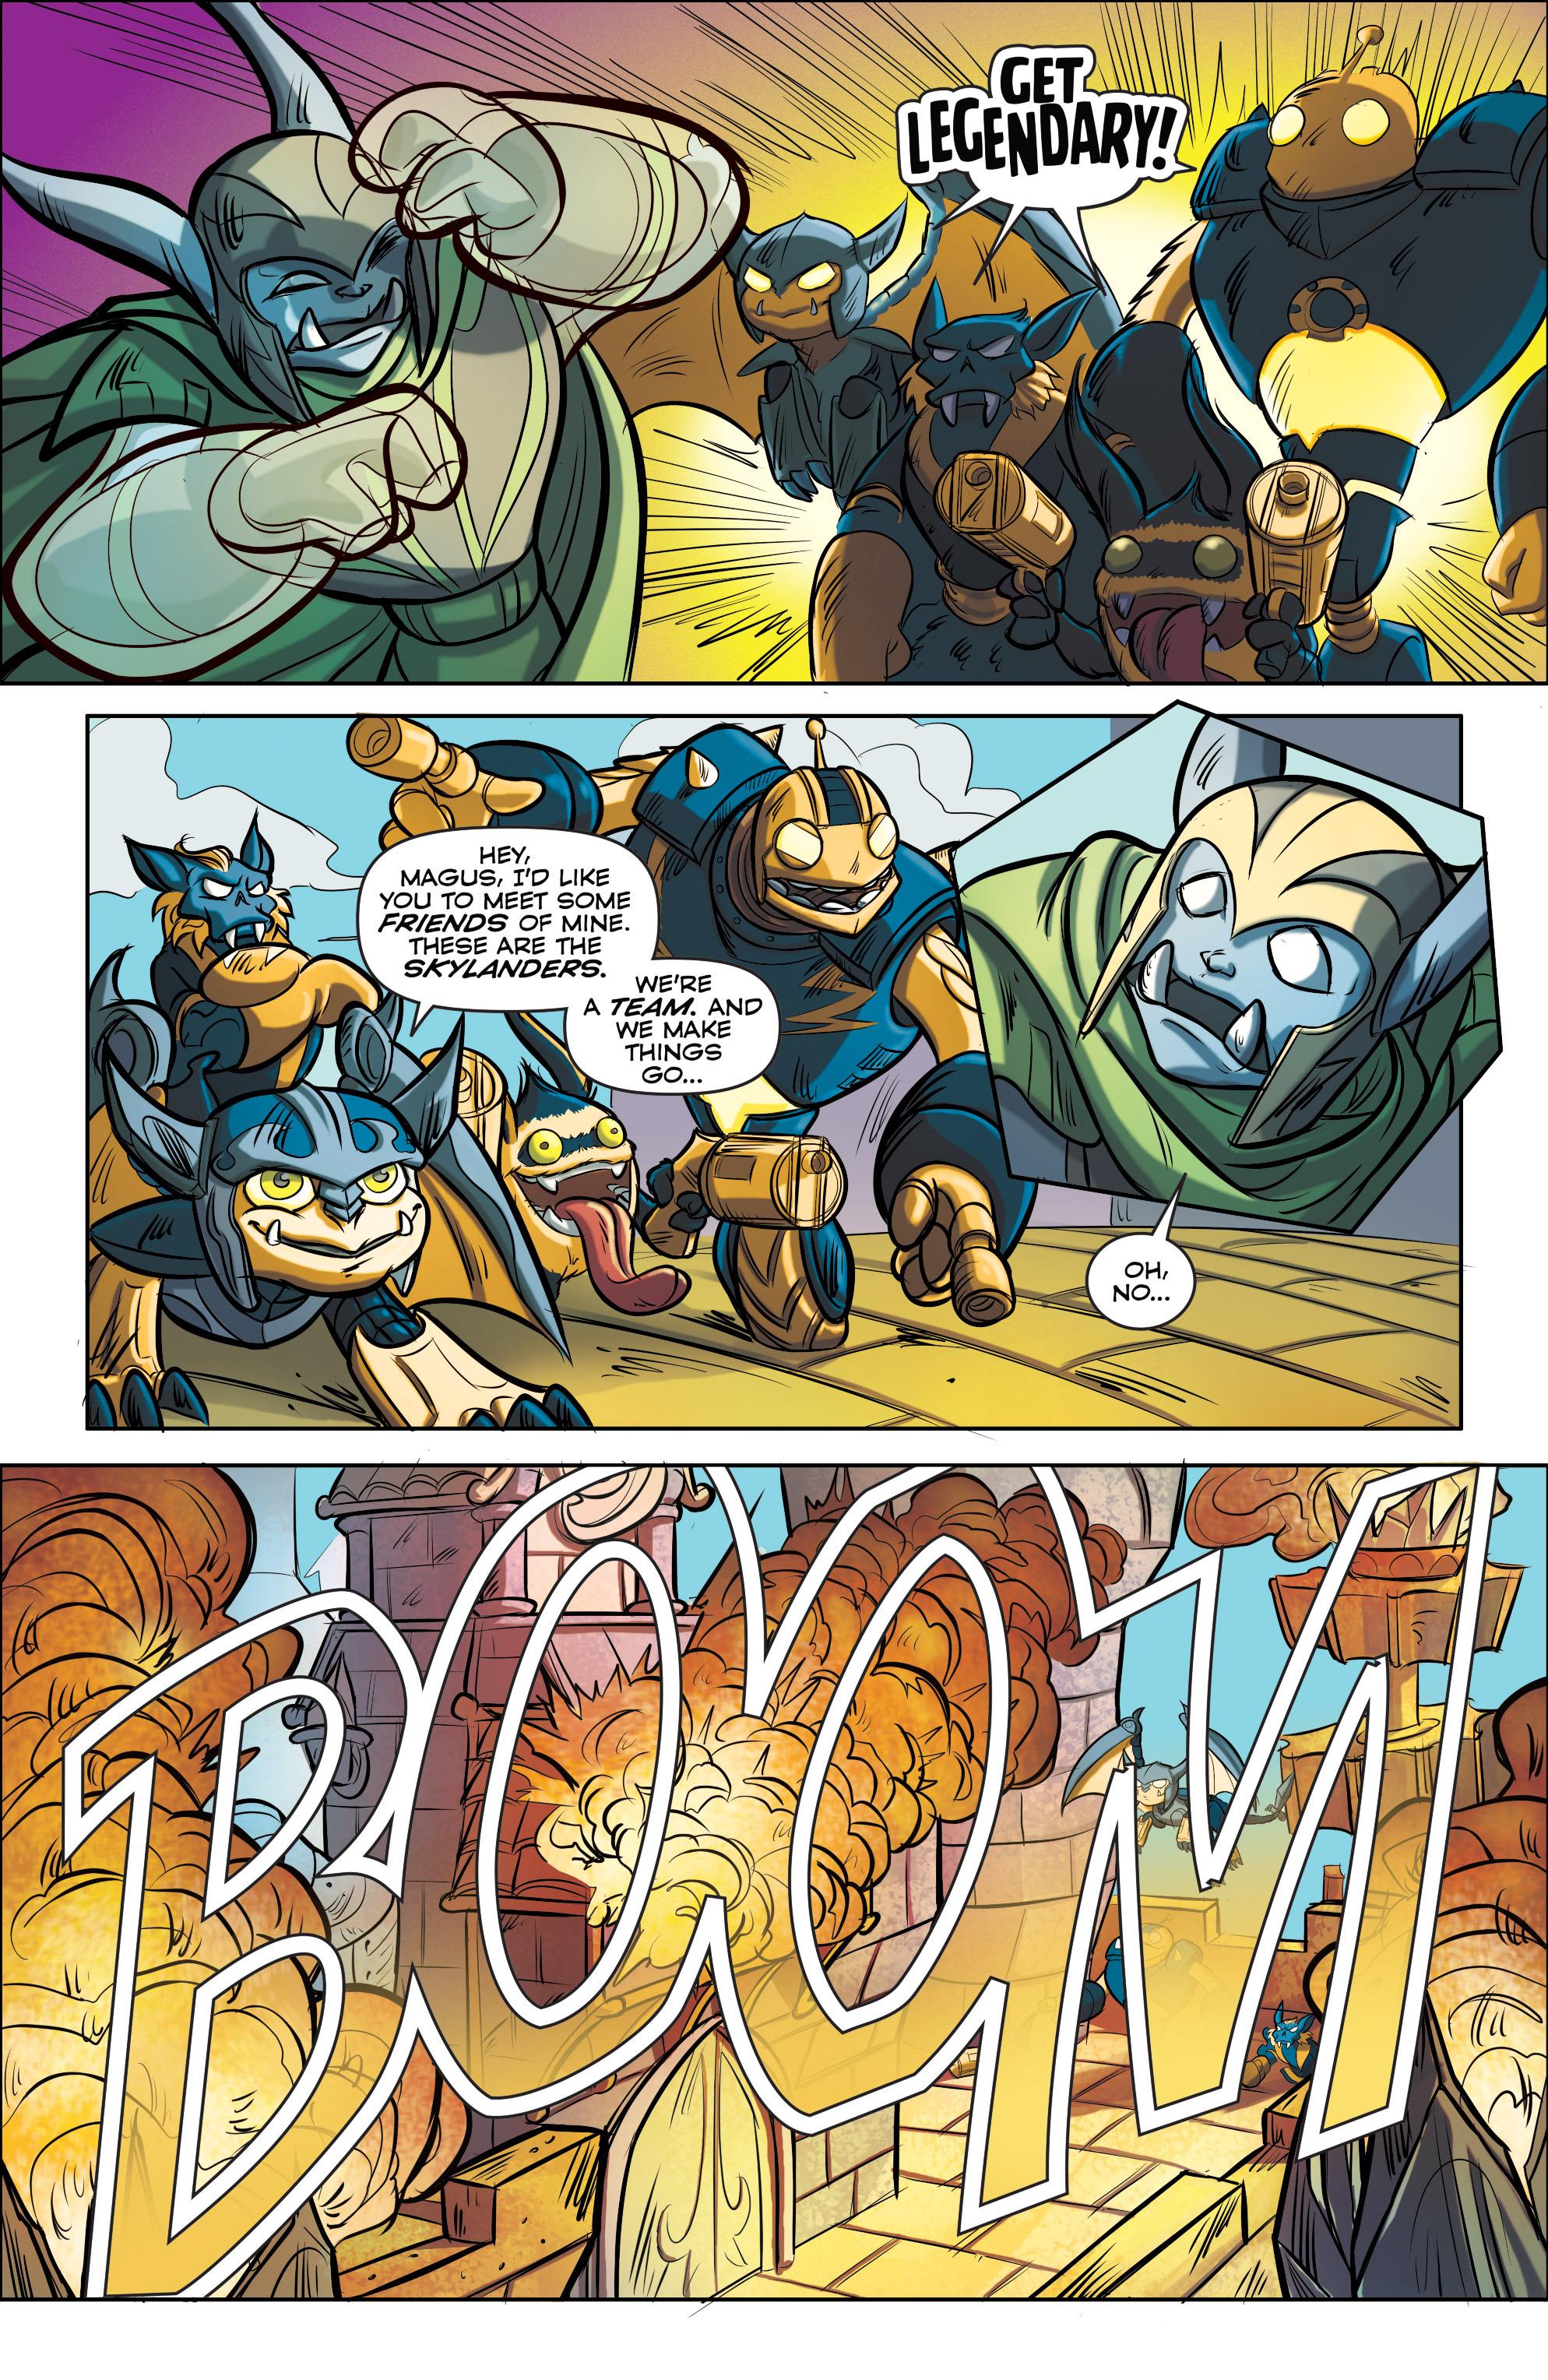 Read online Skylanders comic -  Issue #5 - 17